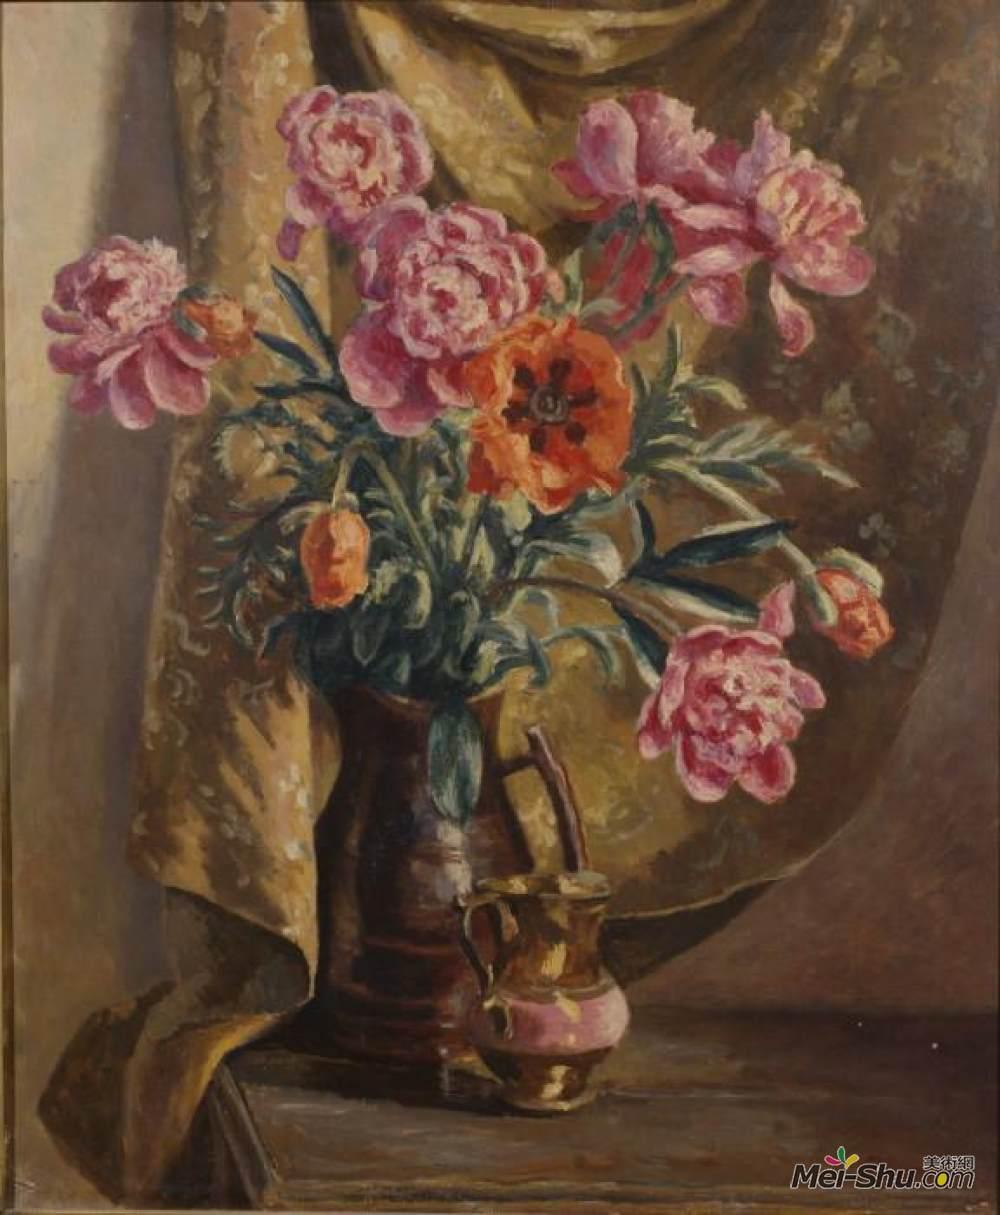 罗杰·弗莱(Roger Fry)高清作品《牡丹和罂粟花》